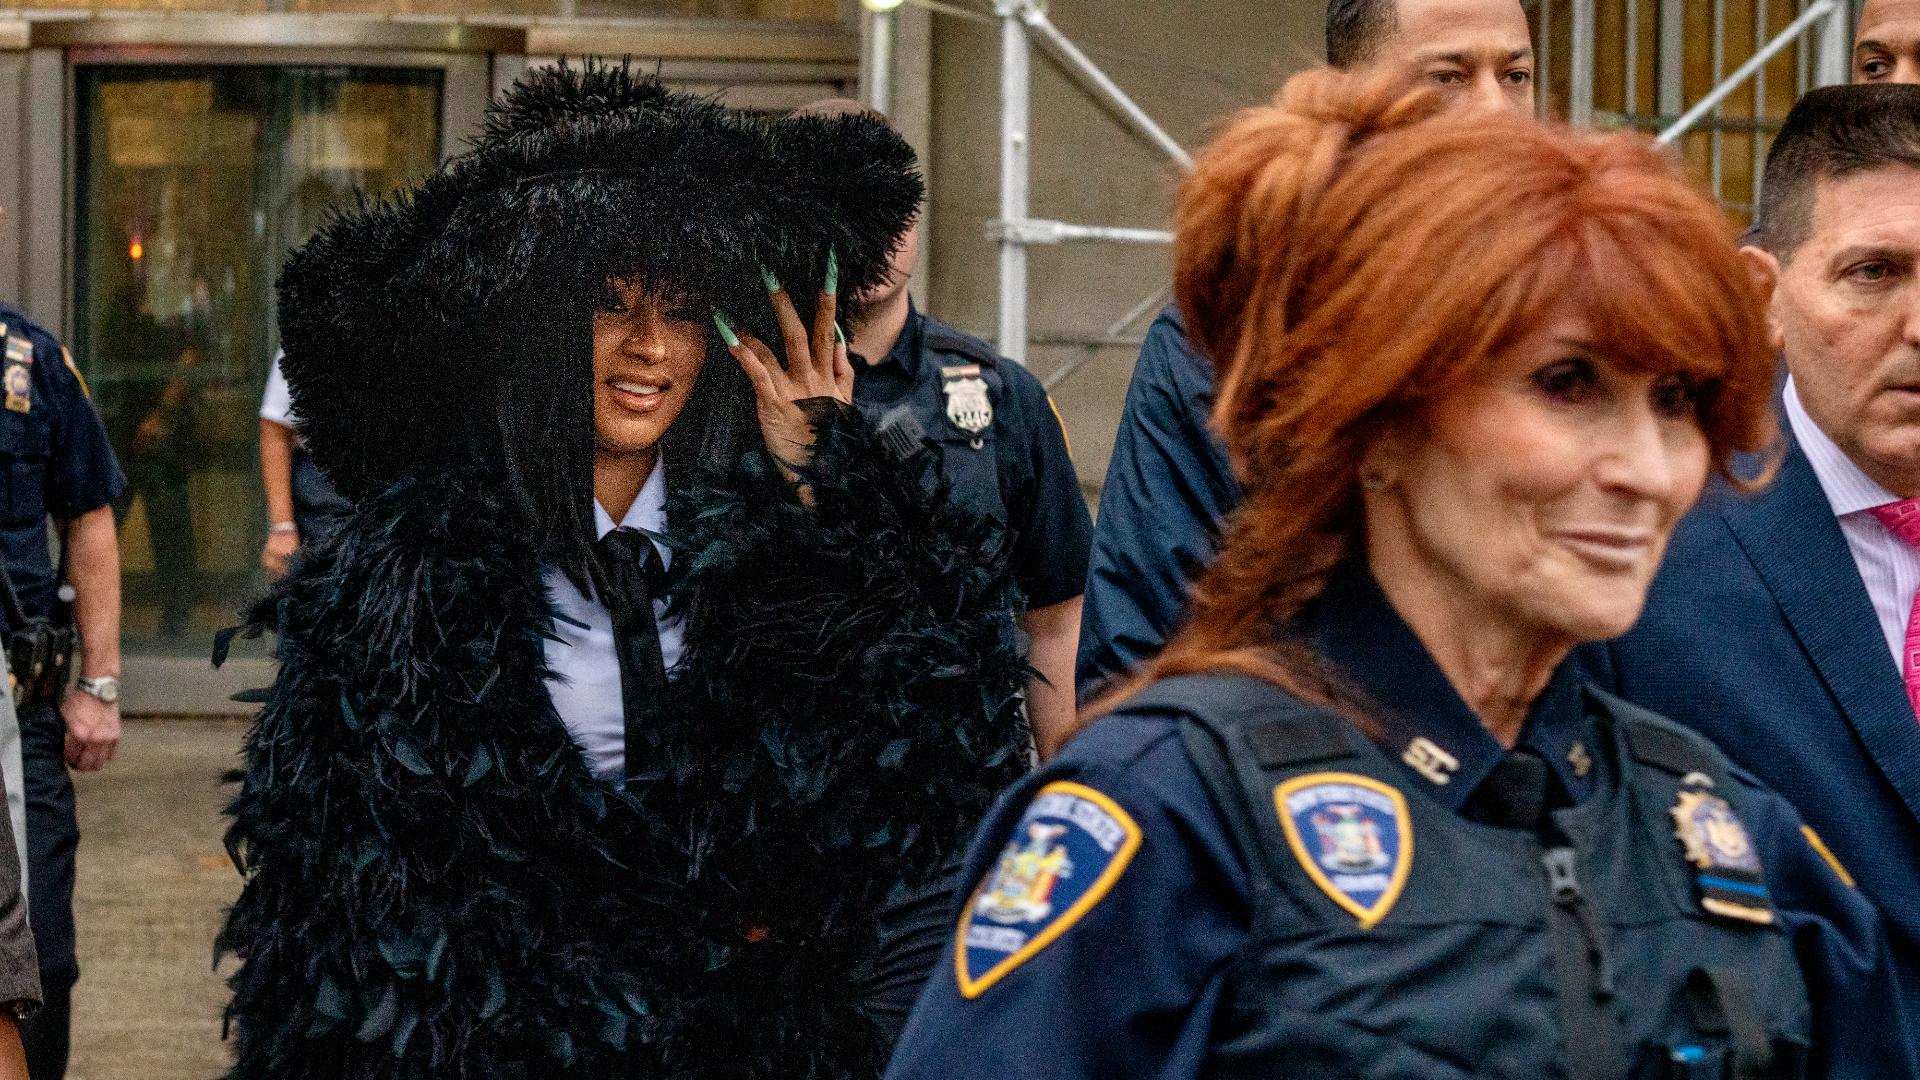 Llamativa aparición de la rapera Cardi B en tribunal de Nueva York